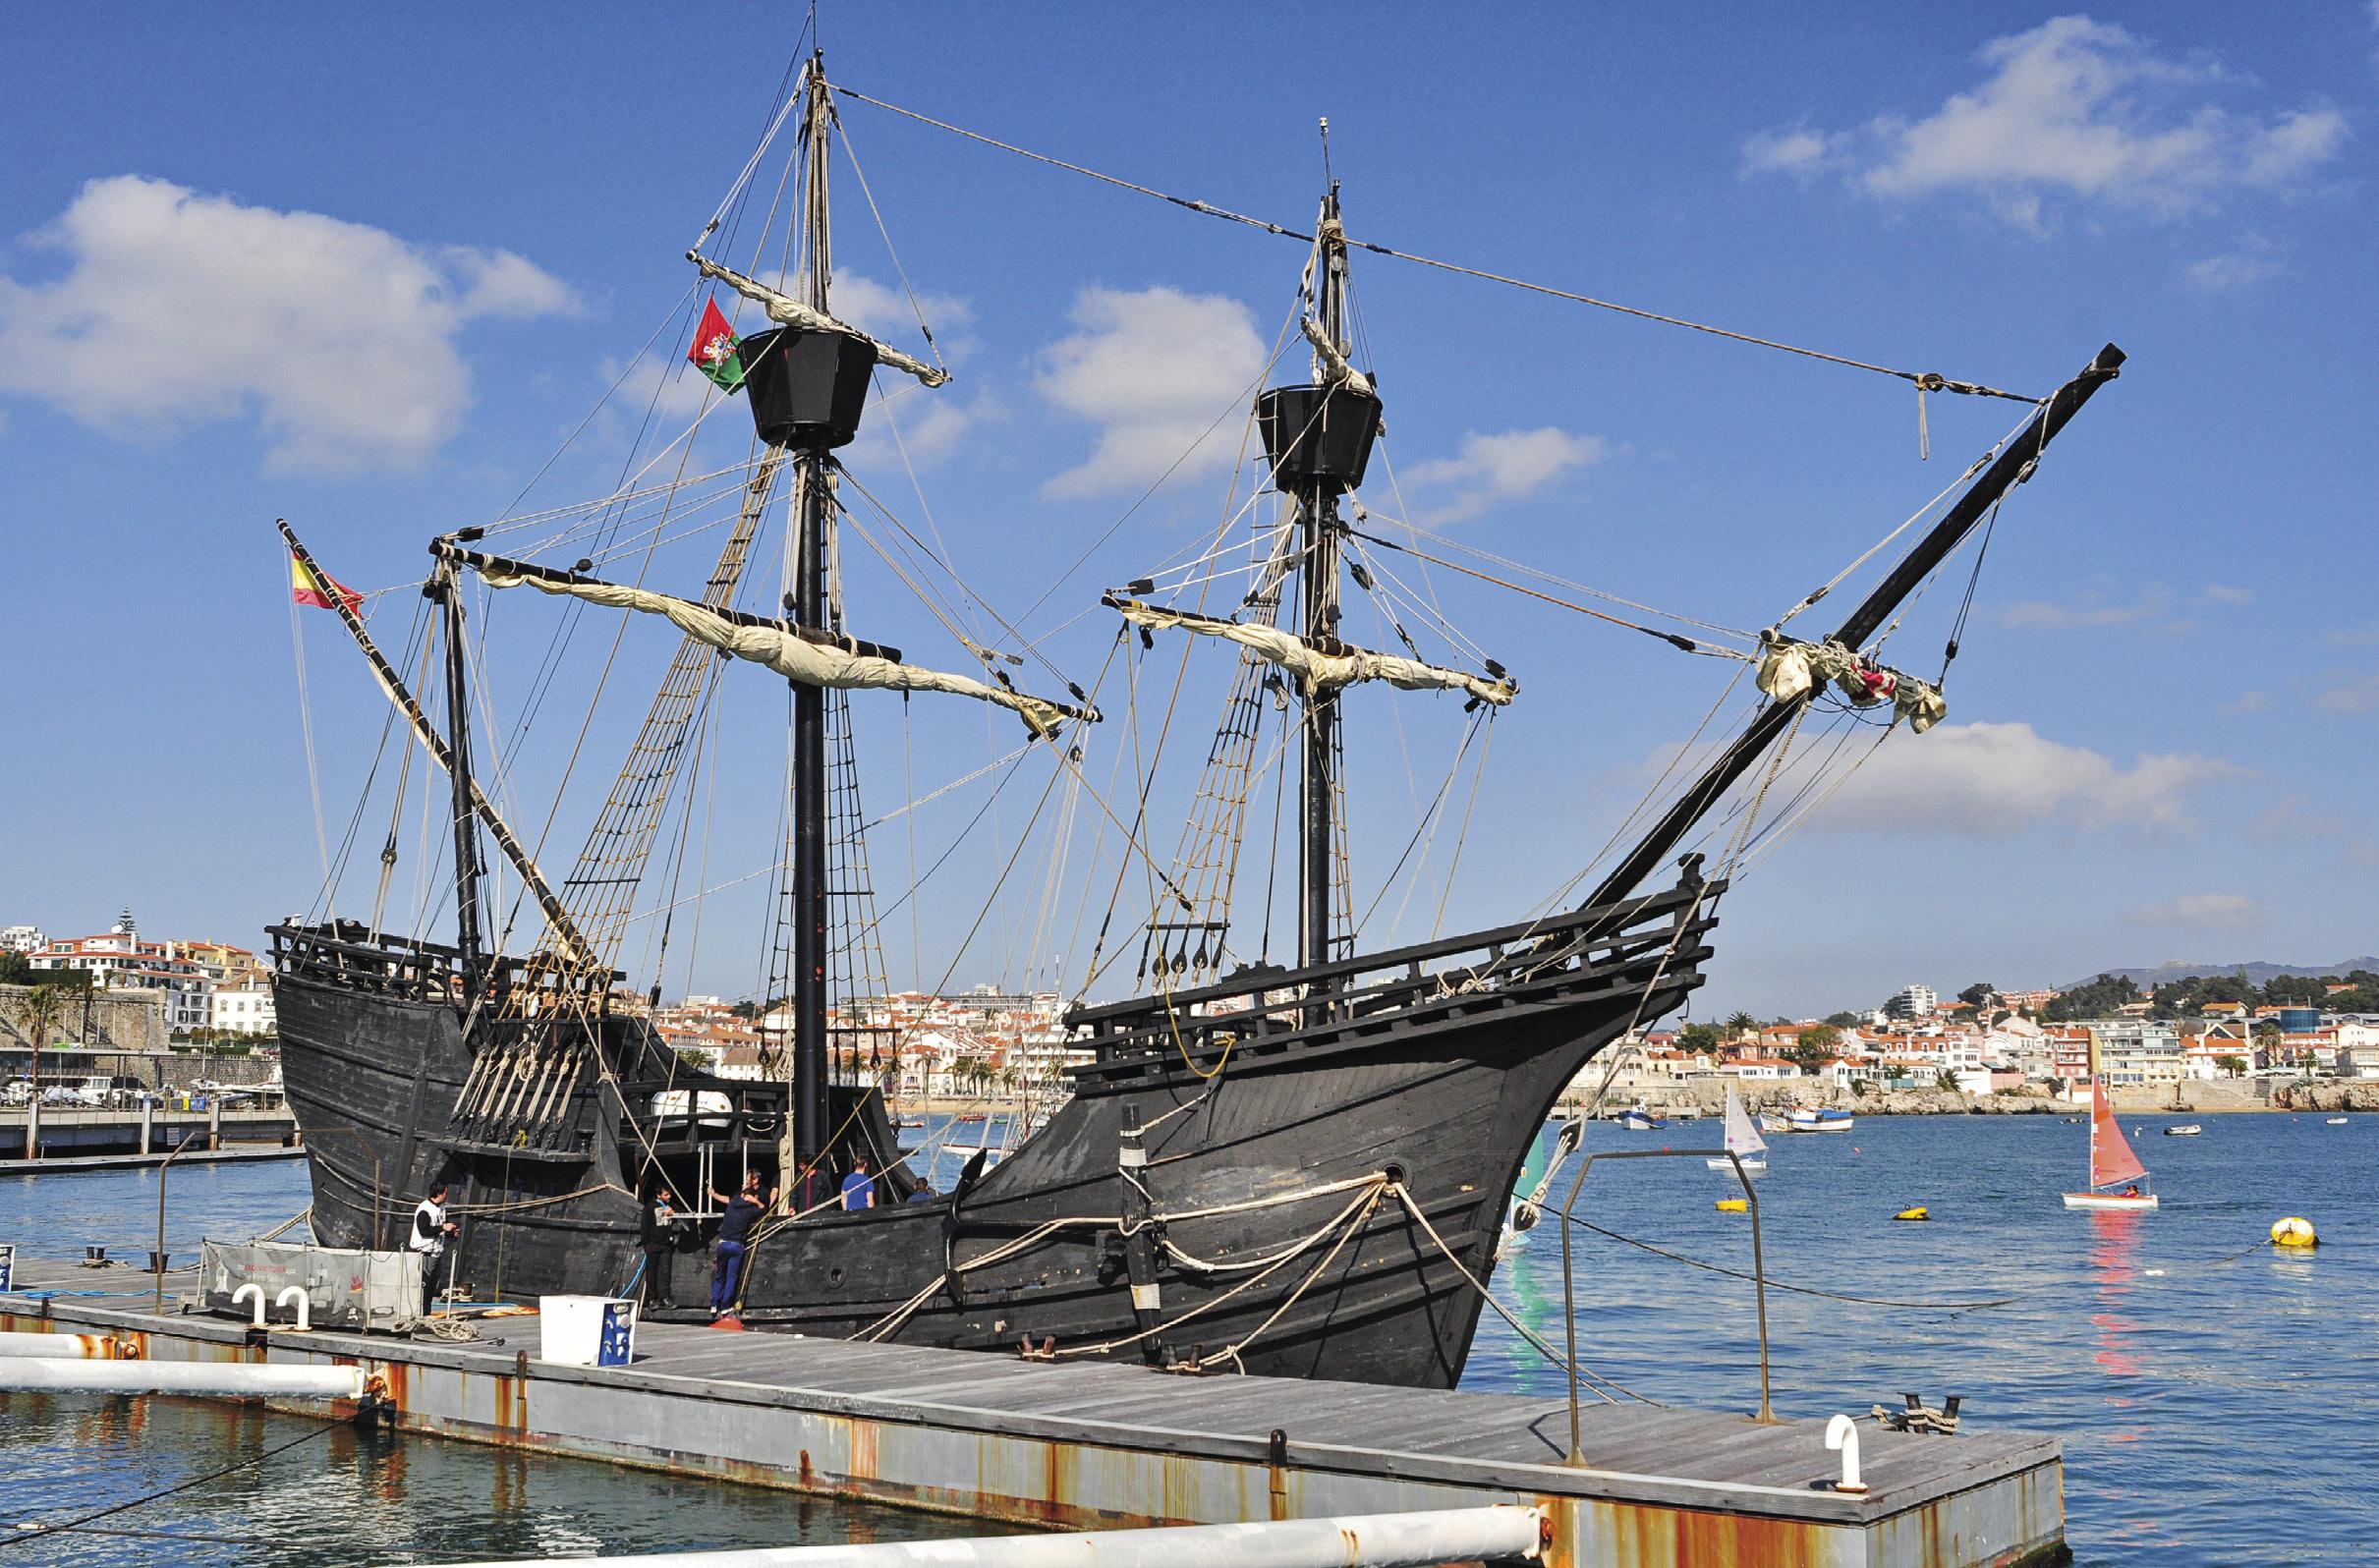 Victoria foi o único navio que retornou a Espanha, sendo assim o primeiro barco a circum navegar o globo. A foto mostra uma réplica construída em 1992, atracada na marina de Cascais, em 2015.